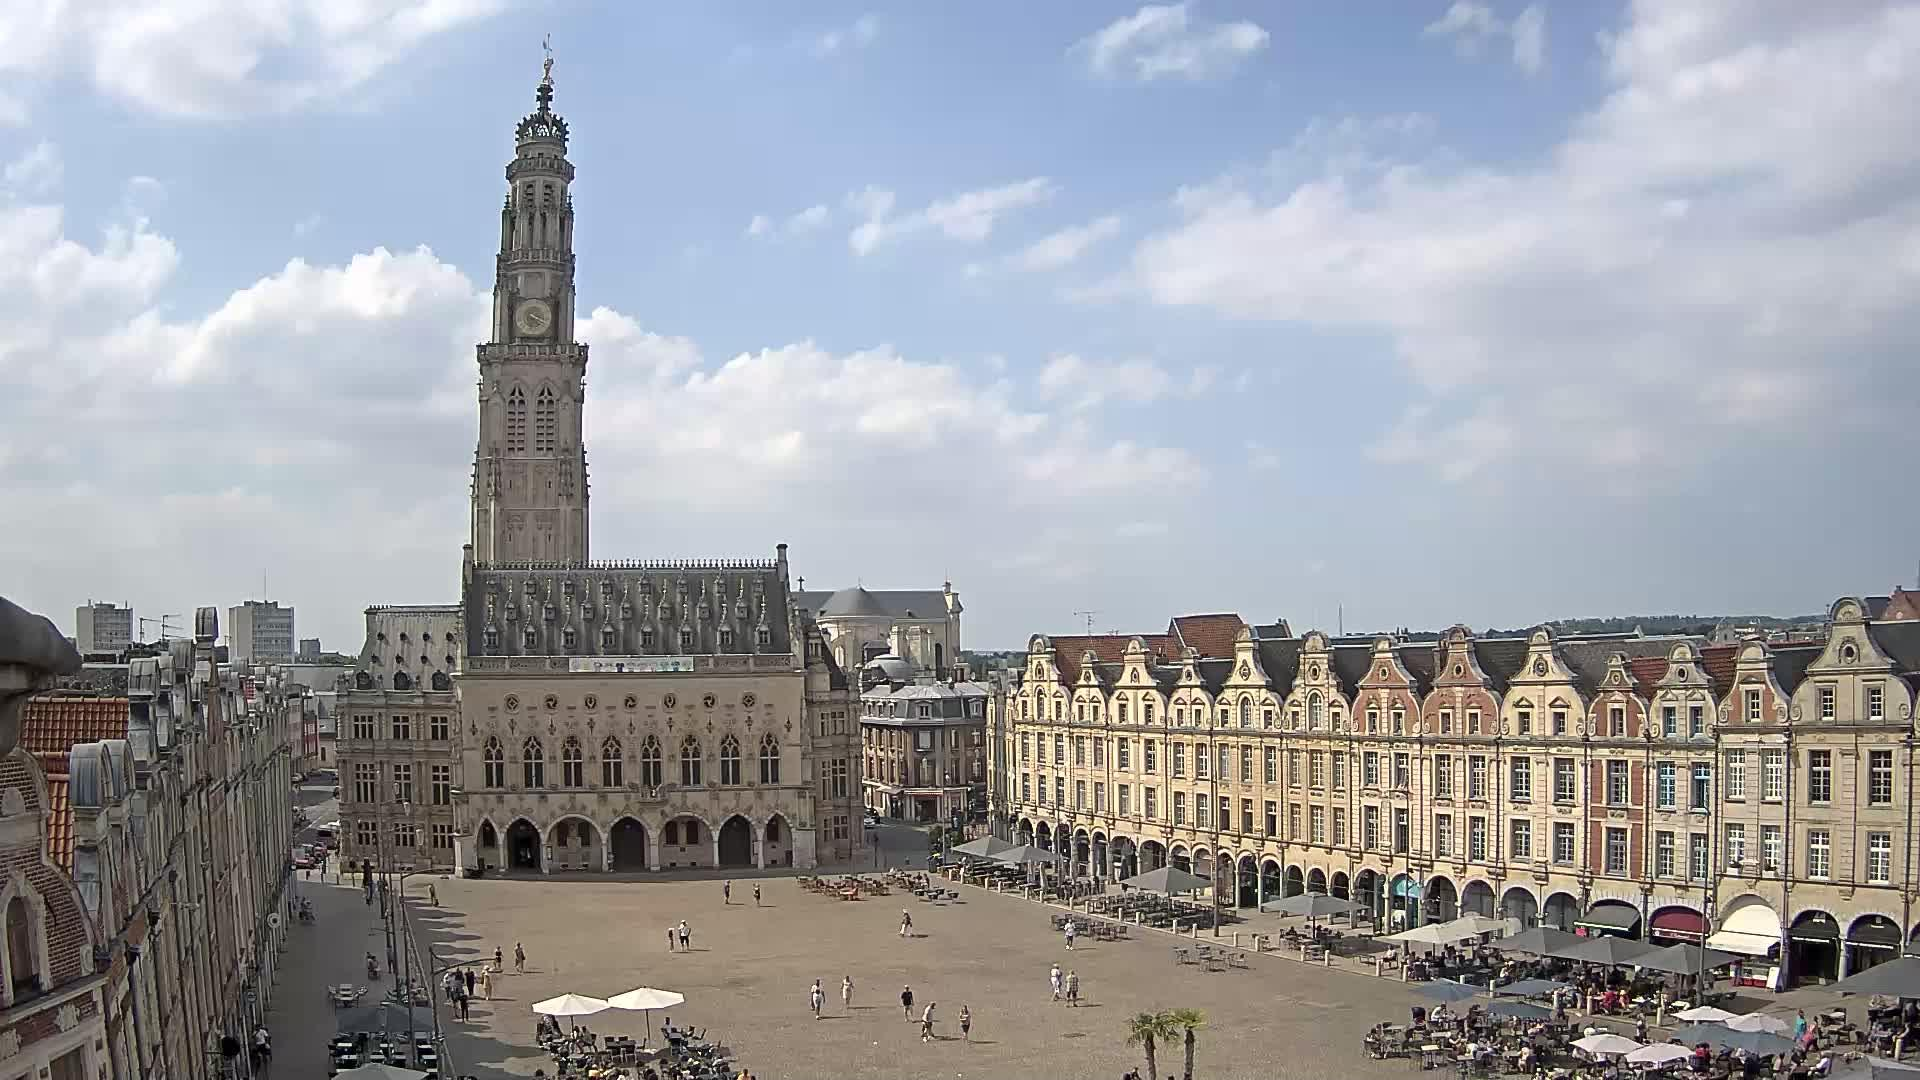 Arras Place